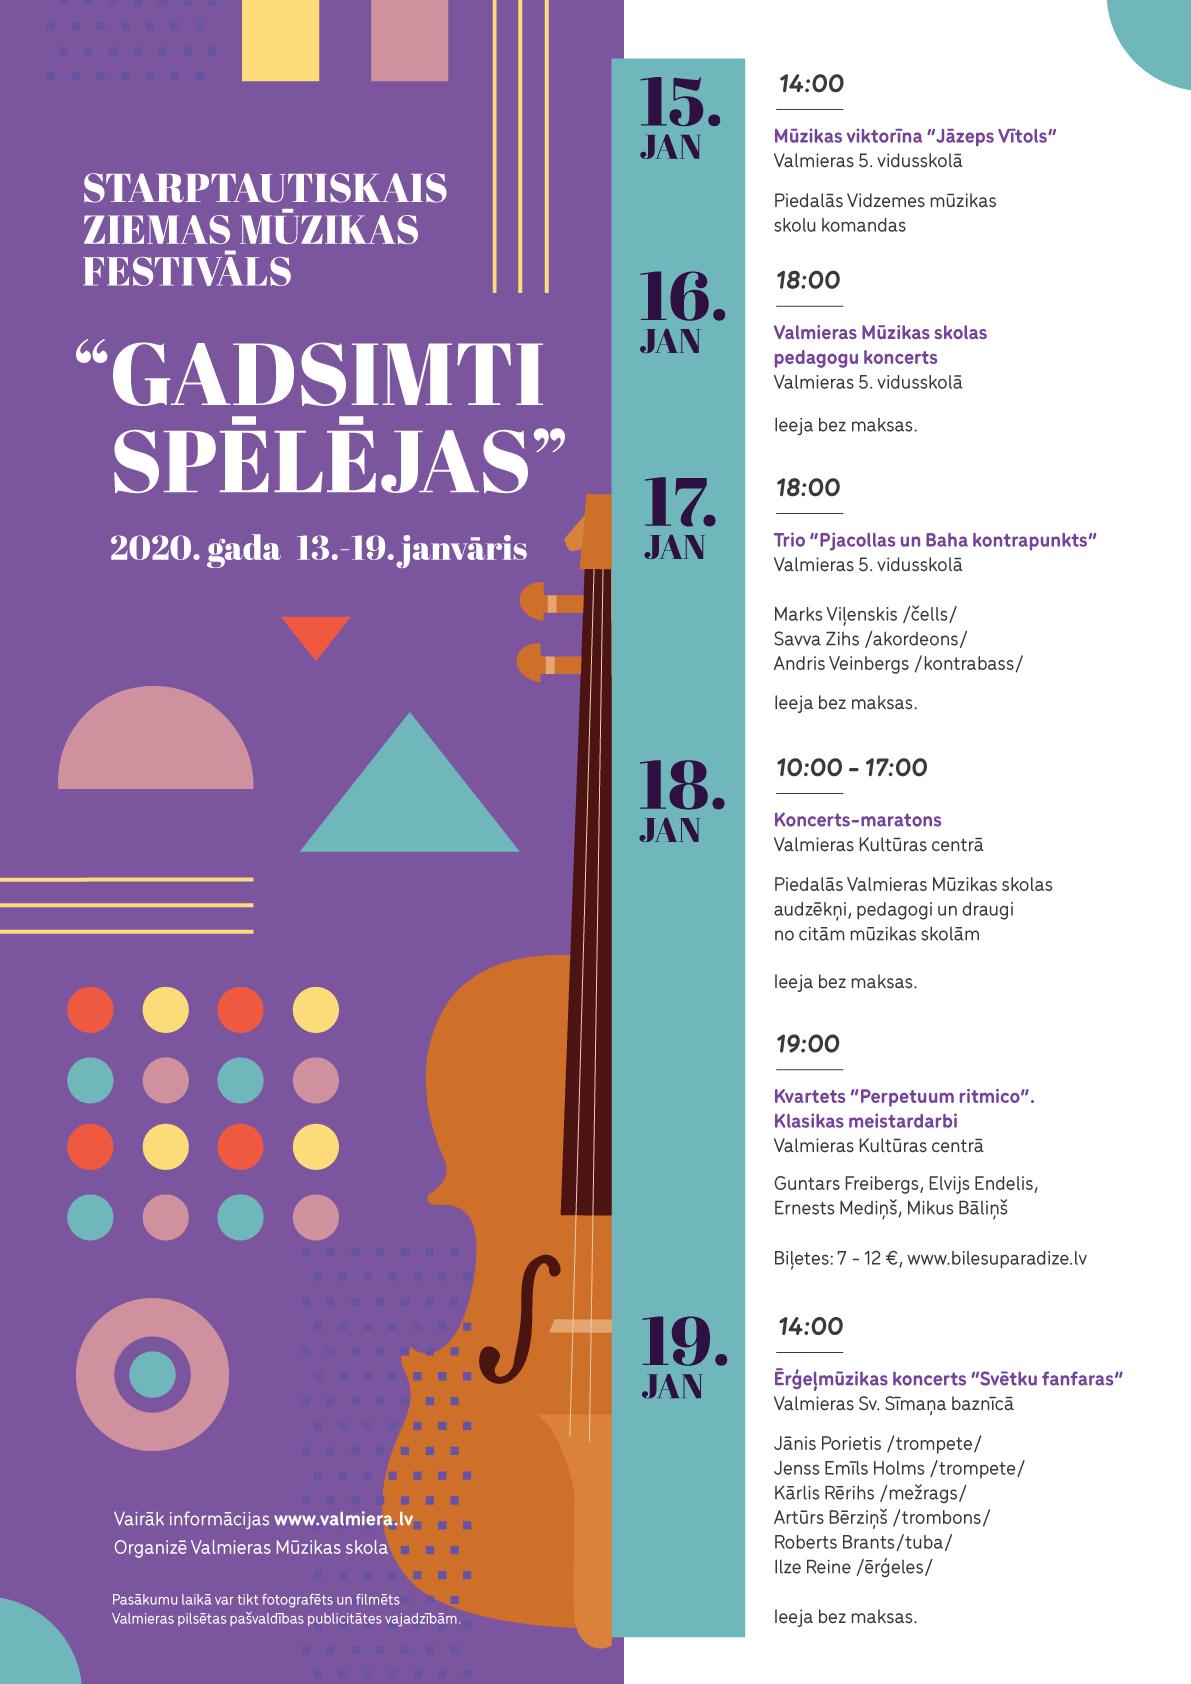 A2-Valmieras-zimeas-muzikas-festivals